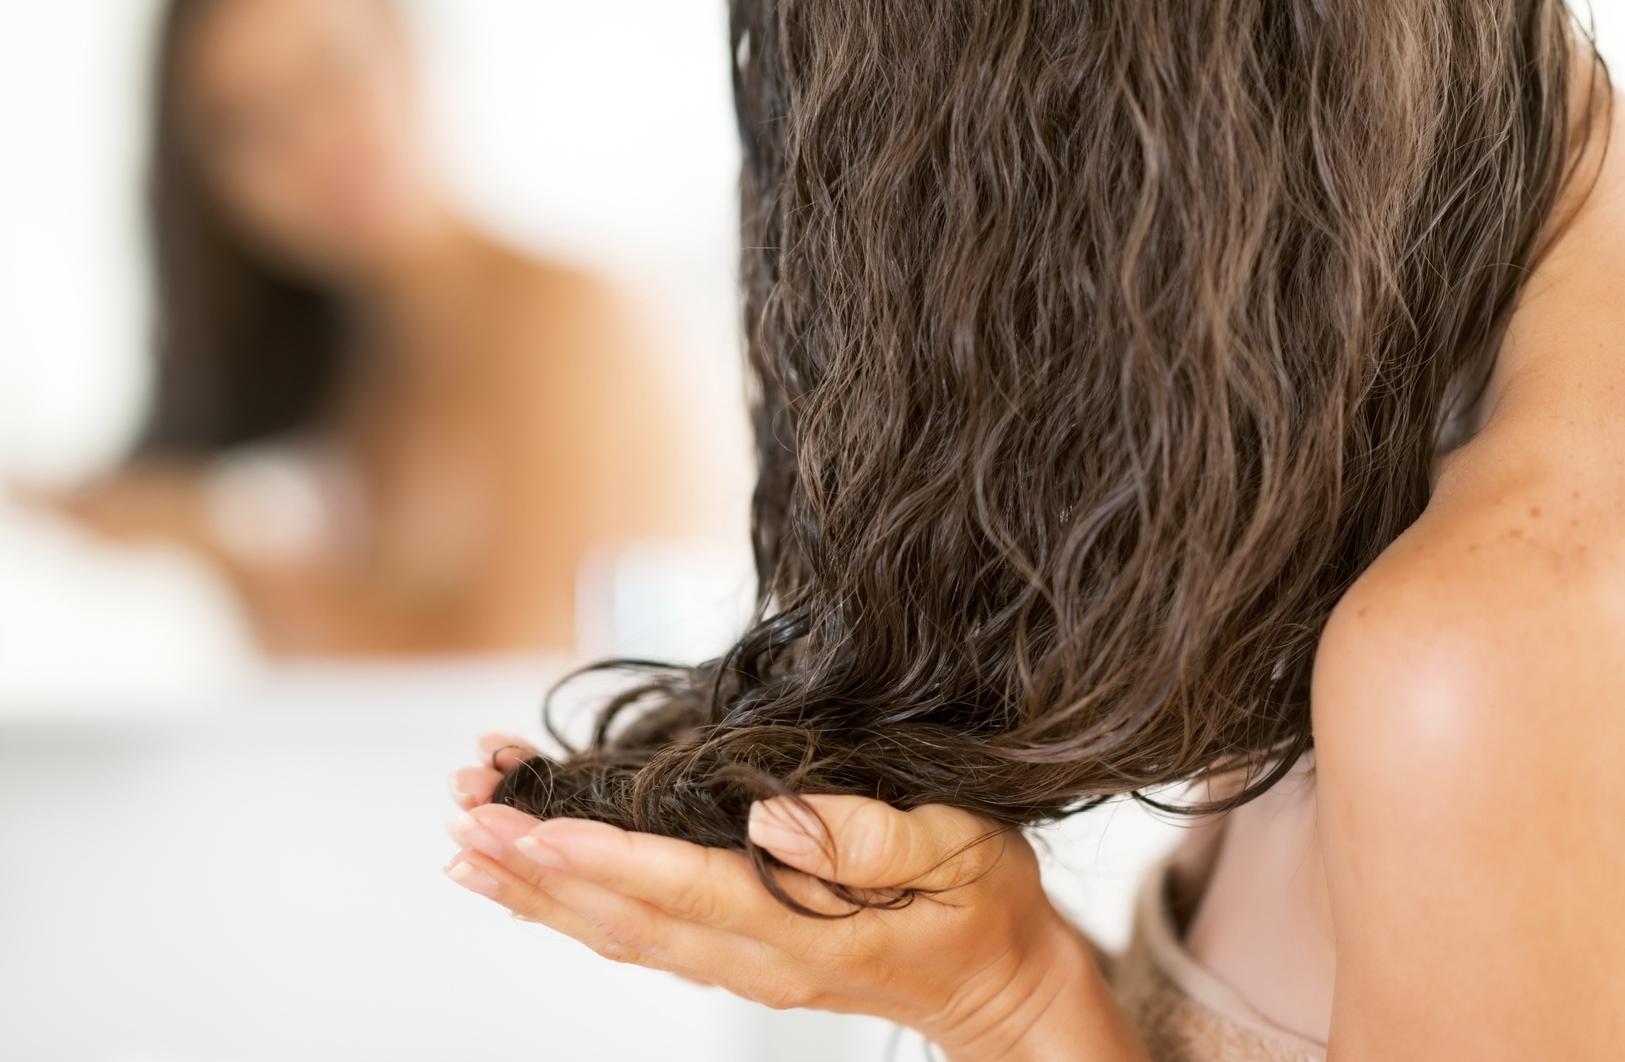 Какая лучше: отзывы женщин о применении увлажняющих домашних масок для волос